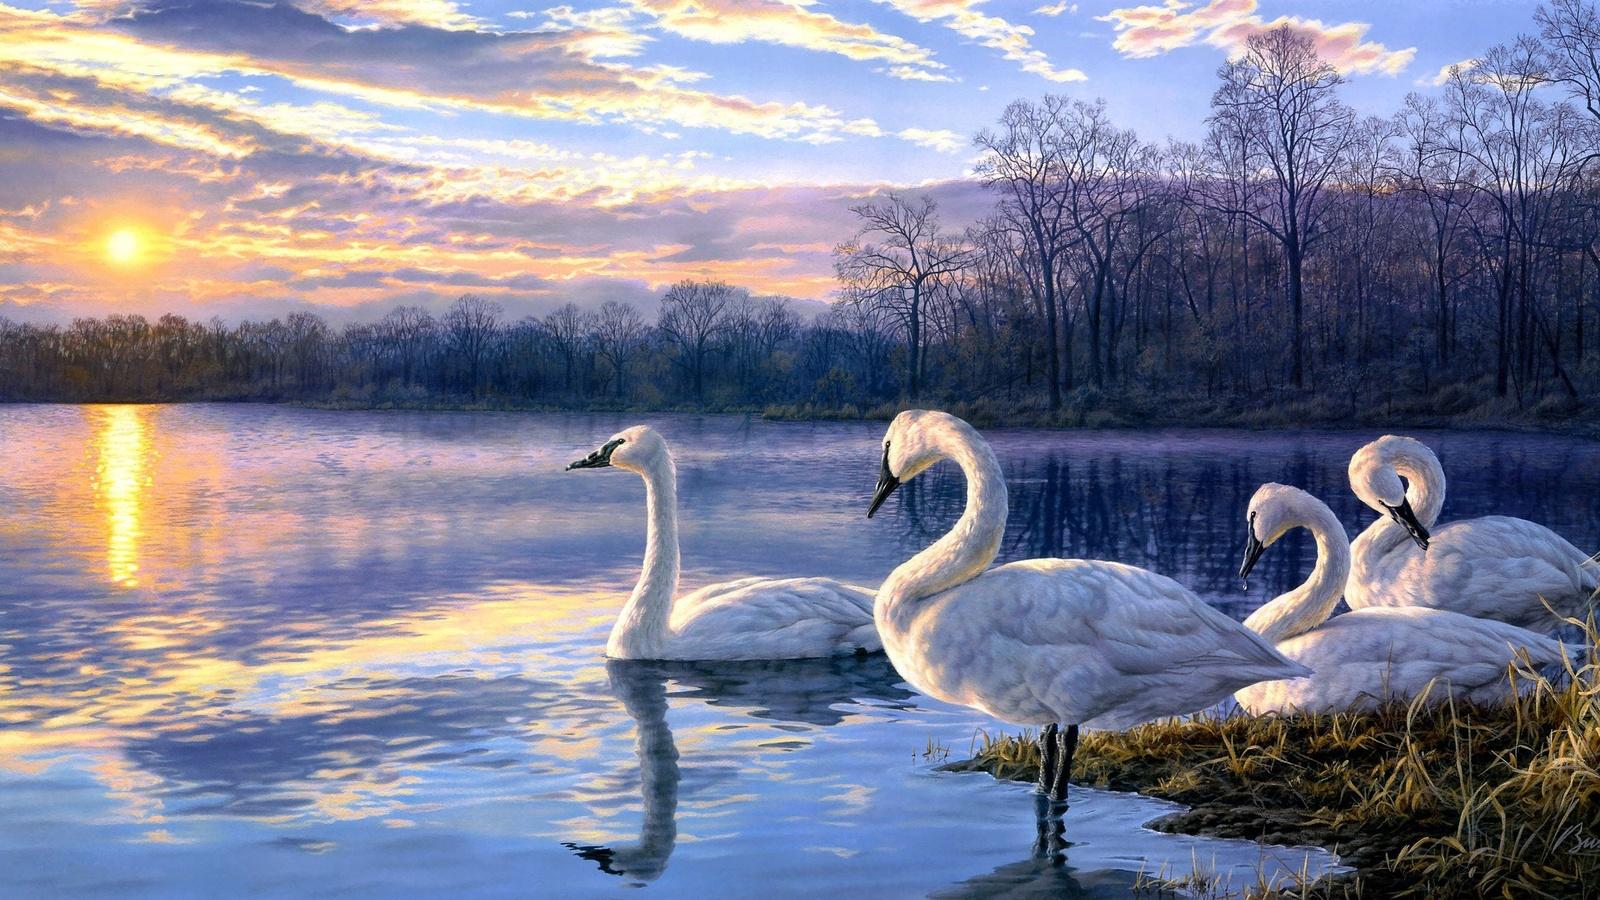 живопись, лебедь, озеро, сансет, пейзаж